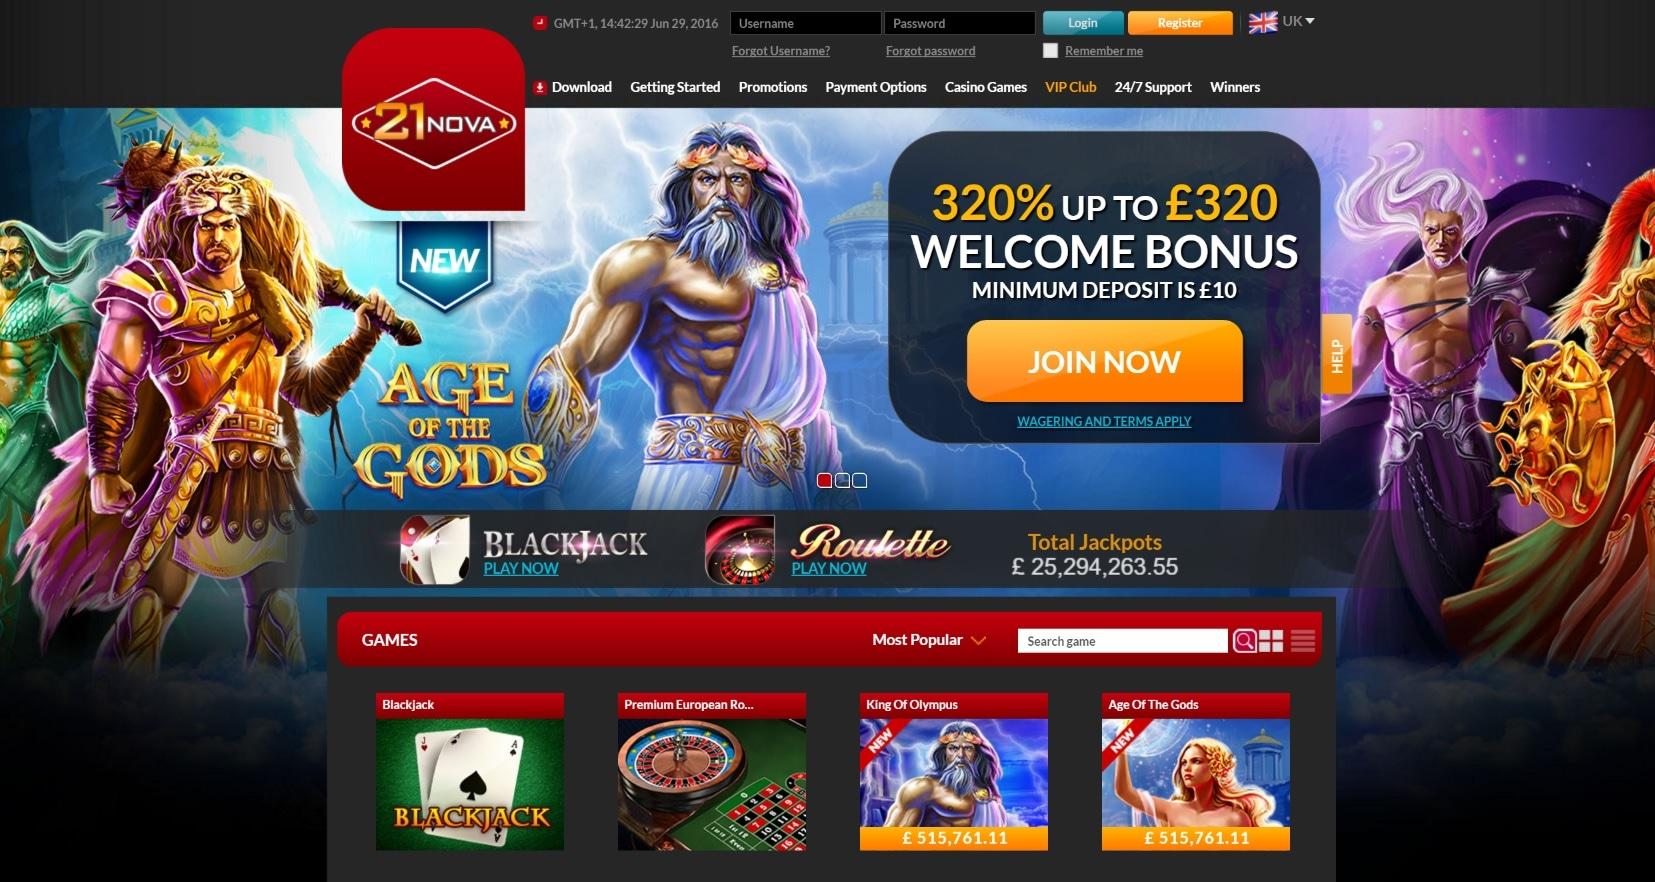 Würfelspiel online Casino 21 Nova -161072